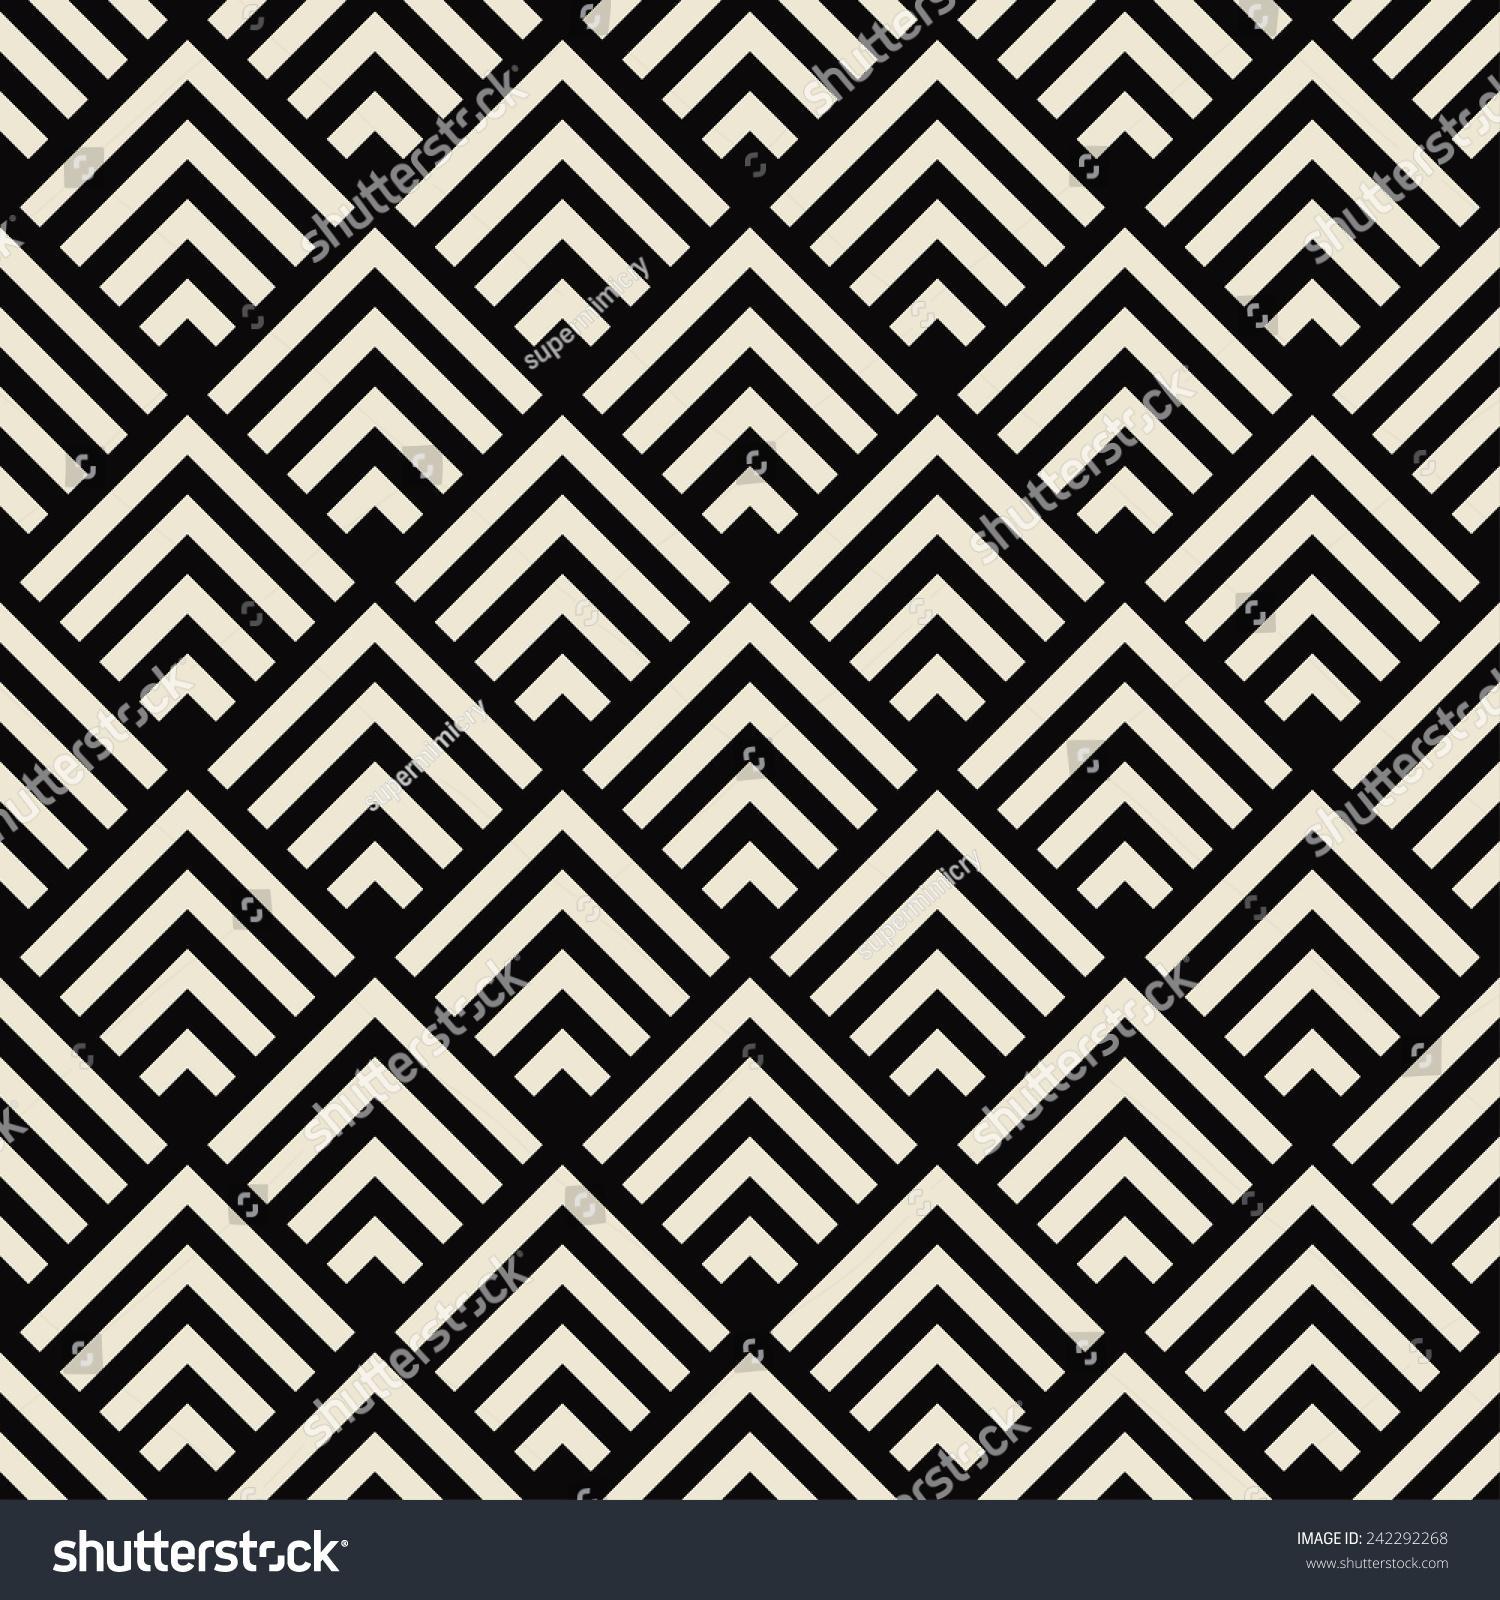 Image Result For Multiple Tile Patterns